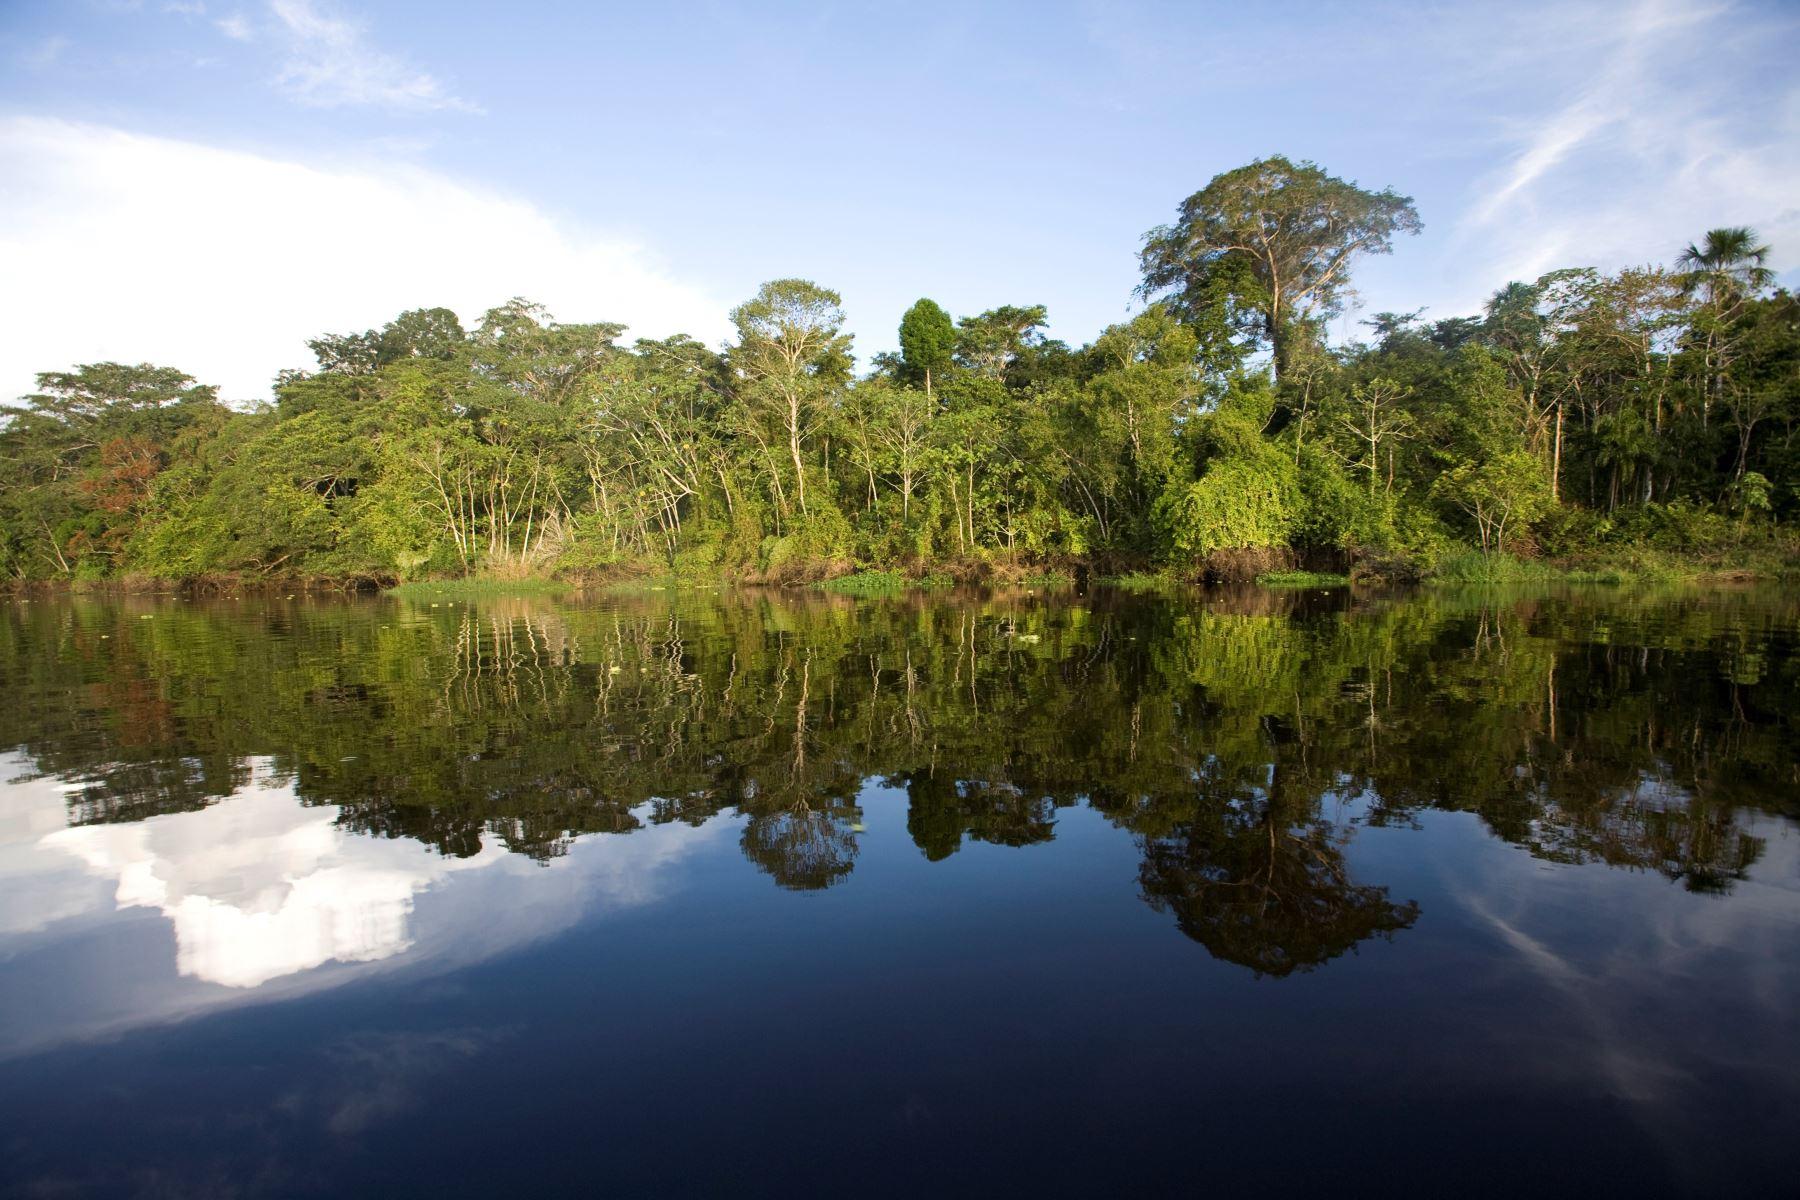 El Perú ocupa el cuarto lugar en el planeta entre los países con mayor extensión en bosques tropicales y el segundo en bosques amazónicos. Al celebrarse hoy el Día Internacional de los Bosques Tropicales, repasemos cuáles los principales tipos de bosque existentes en el país. ANDINA/Difusión